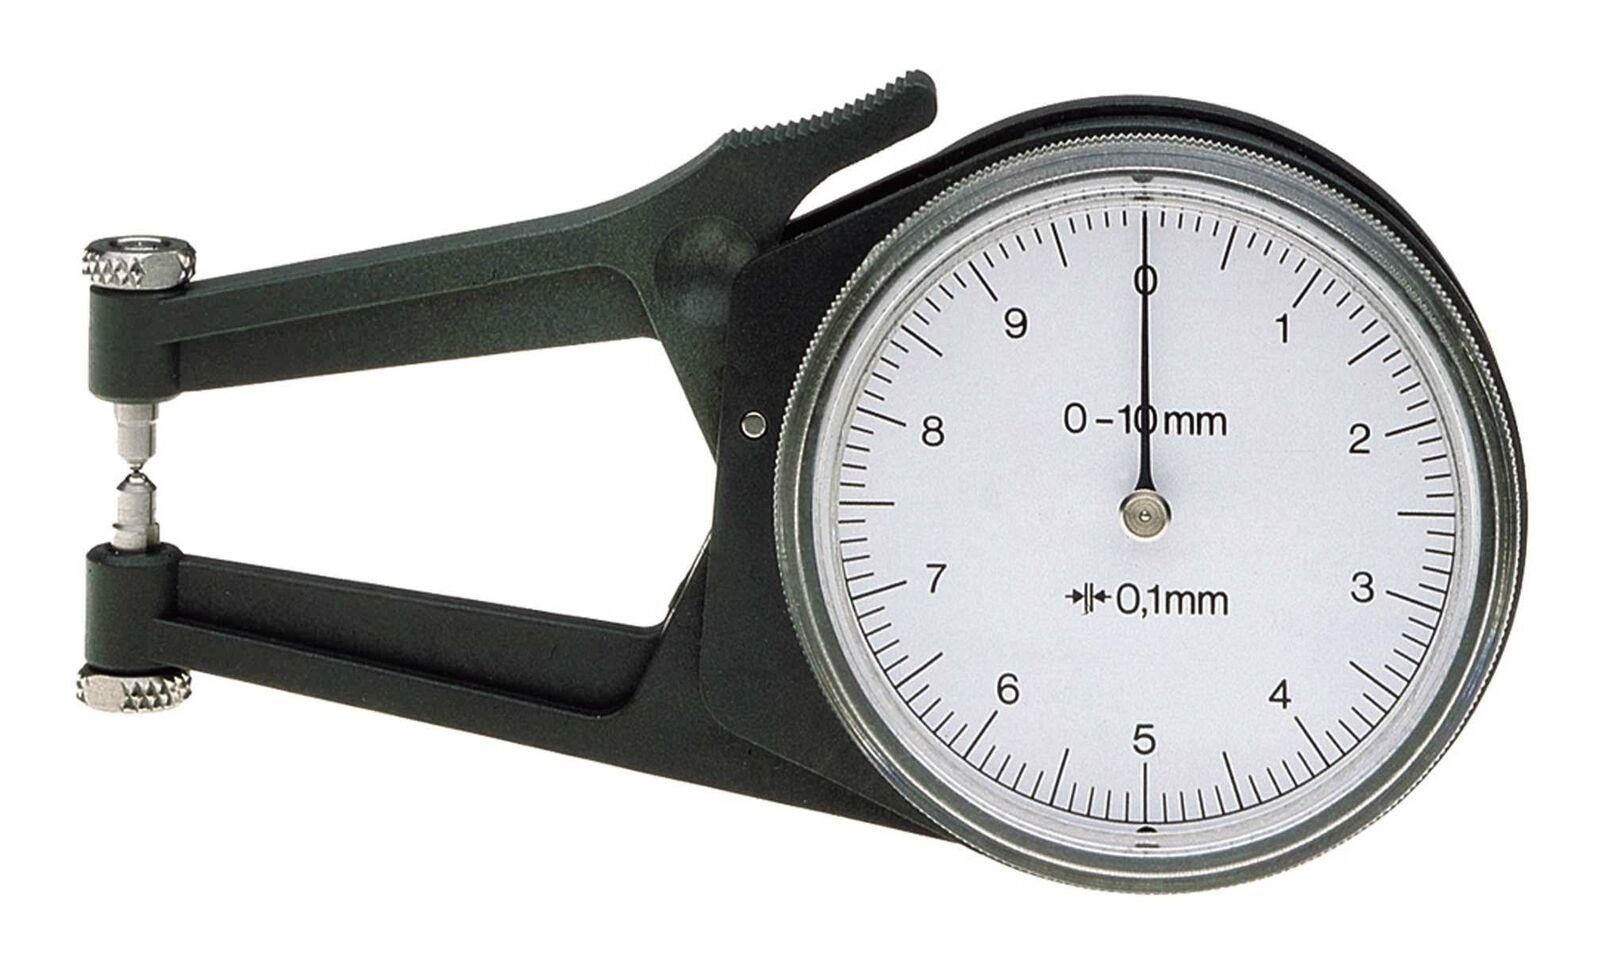 Kröplin Außenschnelltaster Poco 0 - 10mm K2